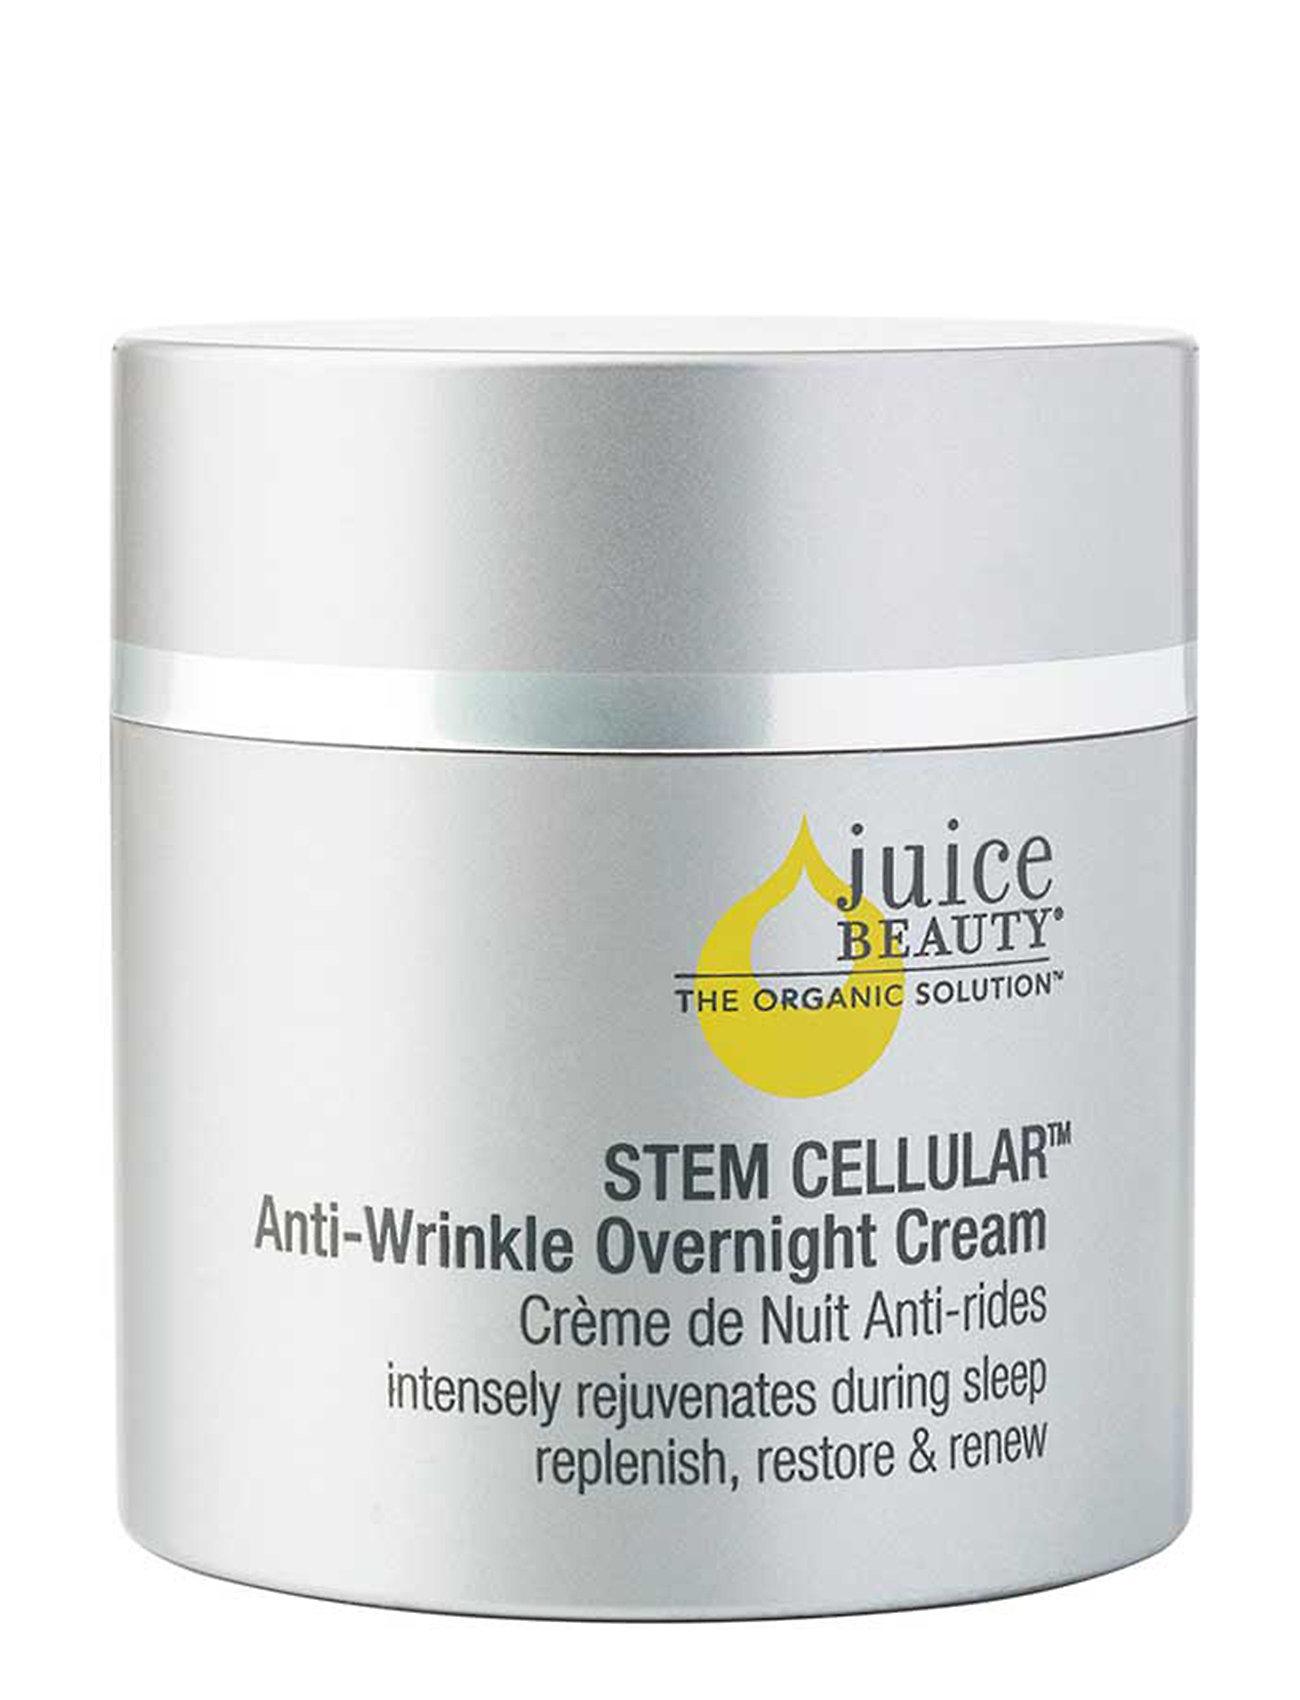 Image of Stem Cellular™ Anti-Wrinkle Overnight Cream Beauty WOMEN Skin Care Face Moisturizers Night Cream Nude Juice Beauty (3071142915)